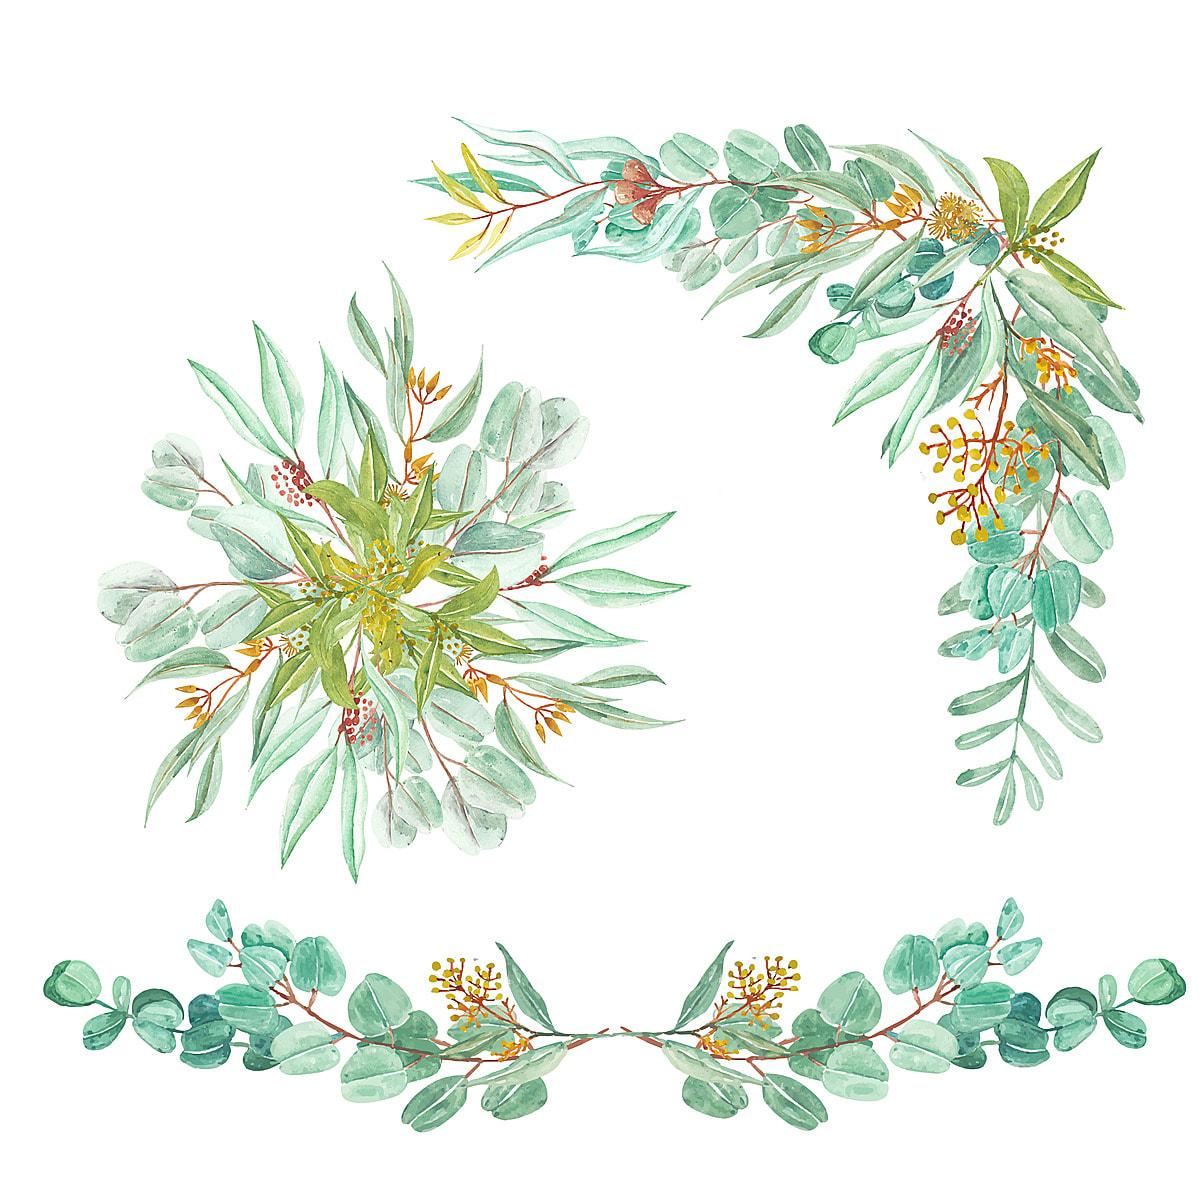 Feuille D Eucalyptus Bouquet ensemble d'eucalyptus vert feuilles arrangement floral et